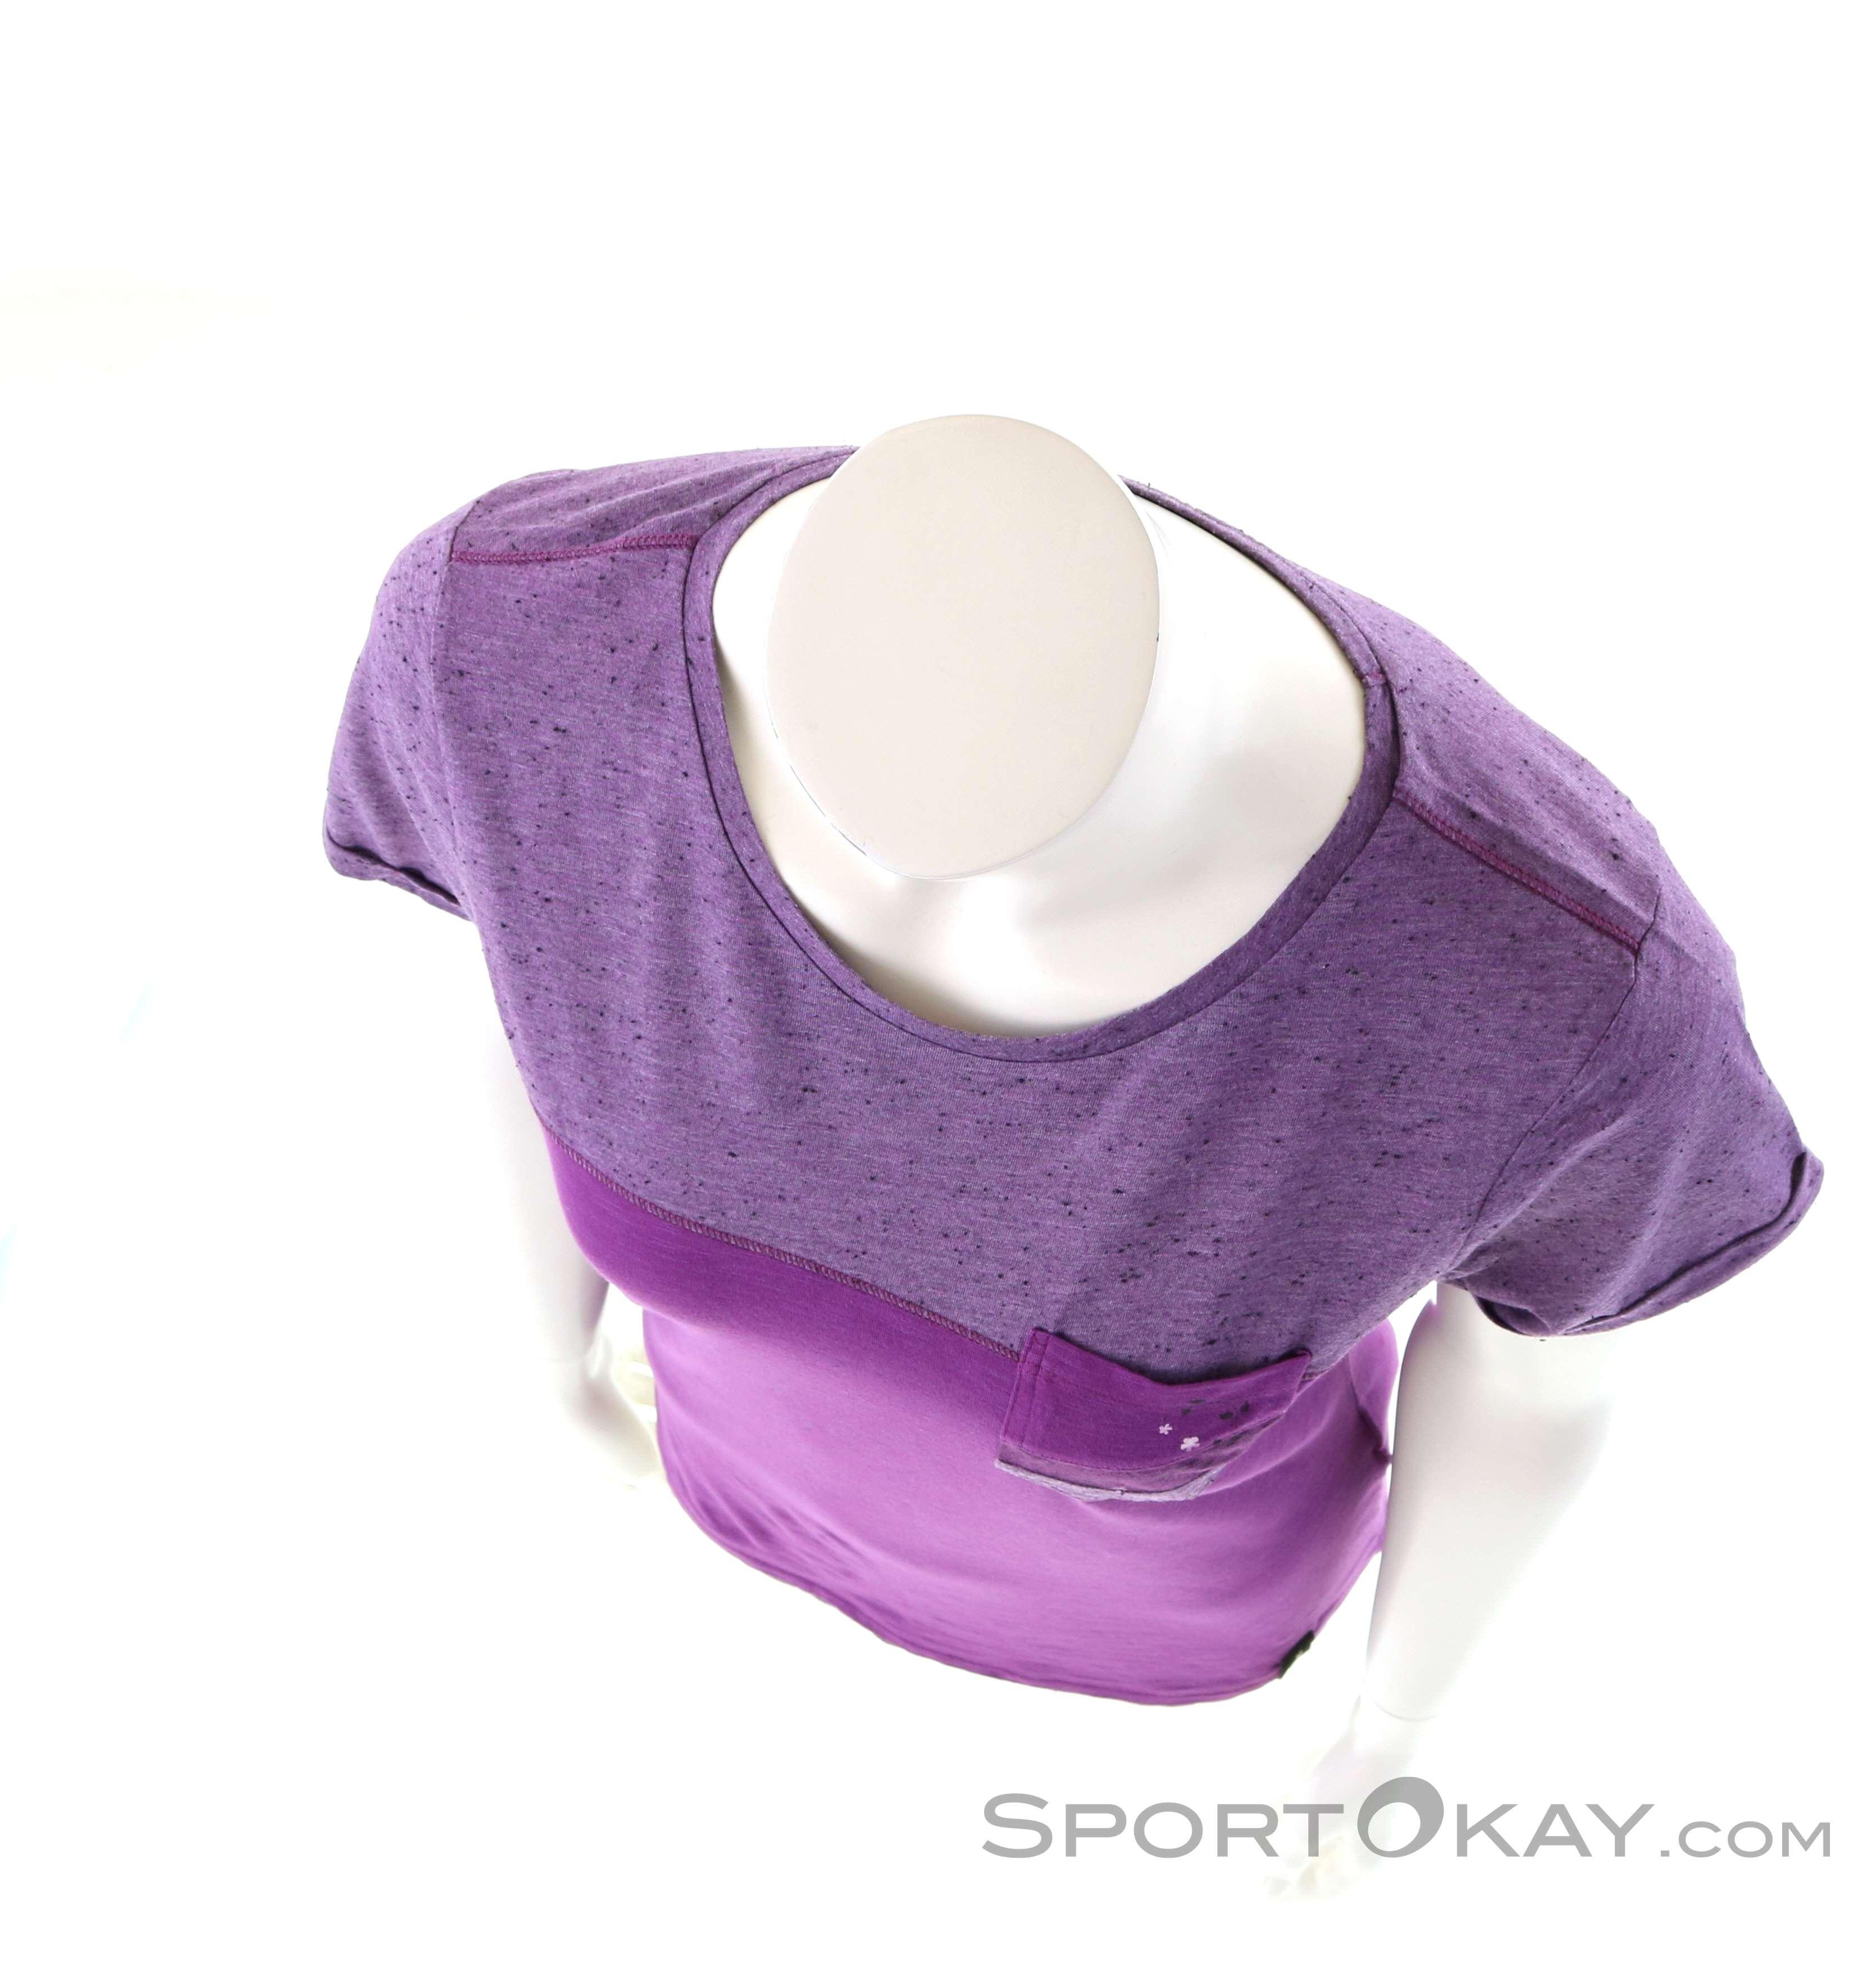 Damen Shirt ShirtsHemden Street T Chillaz YWDHebE29I